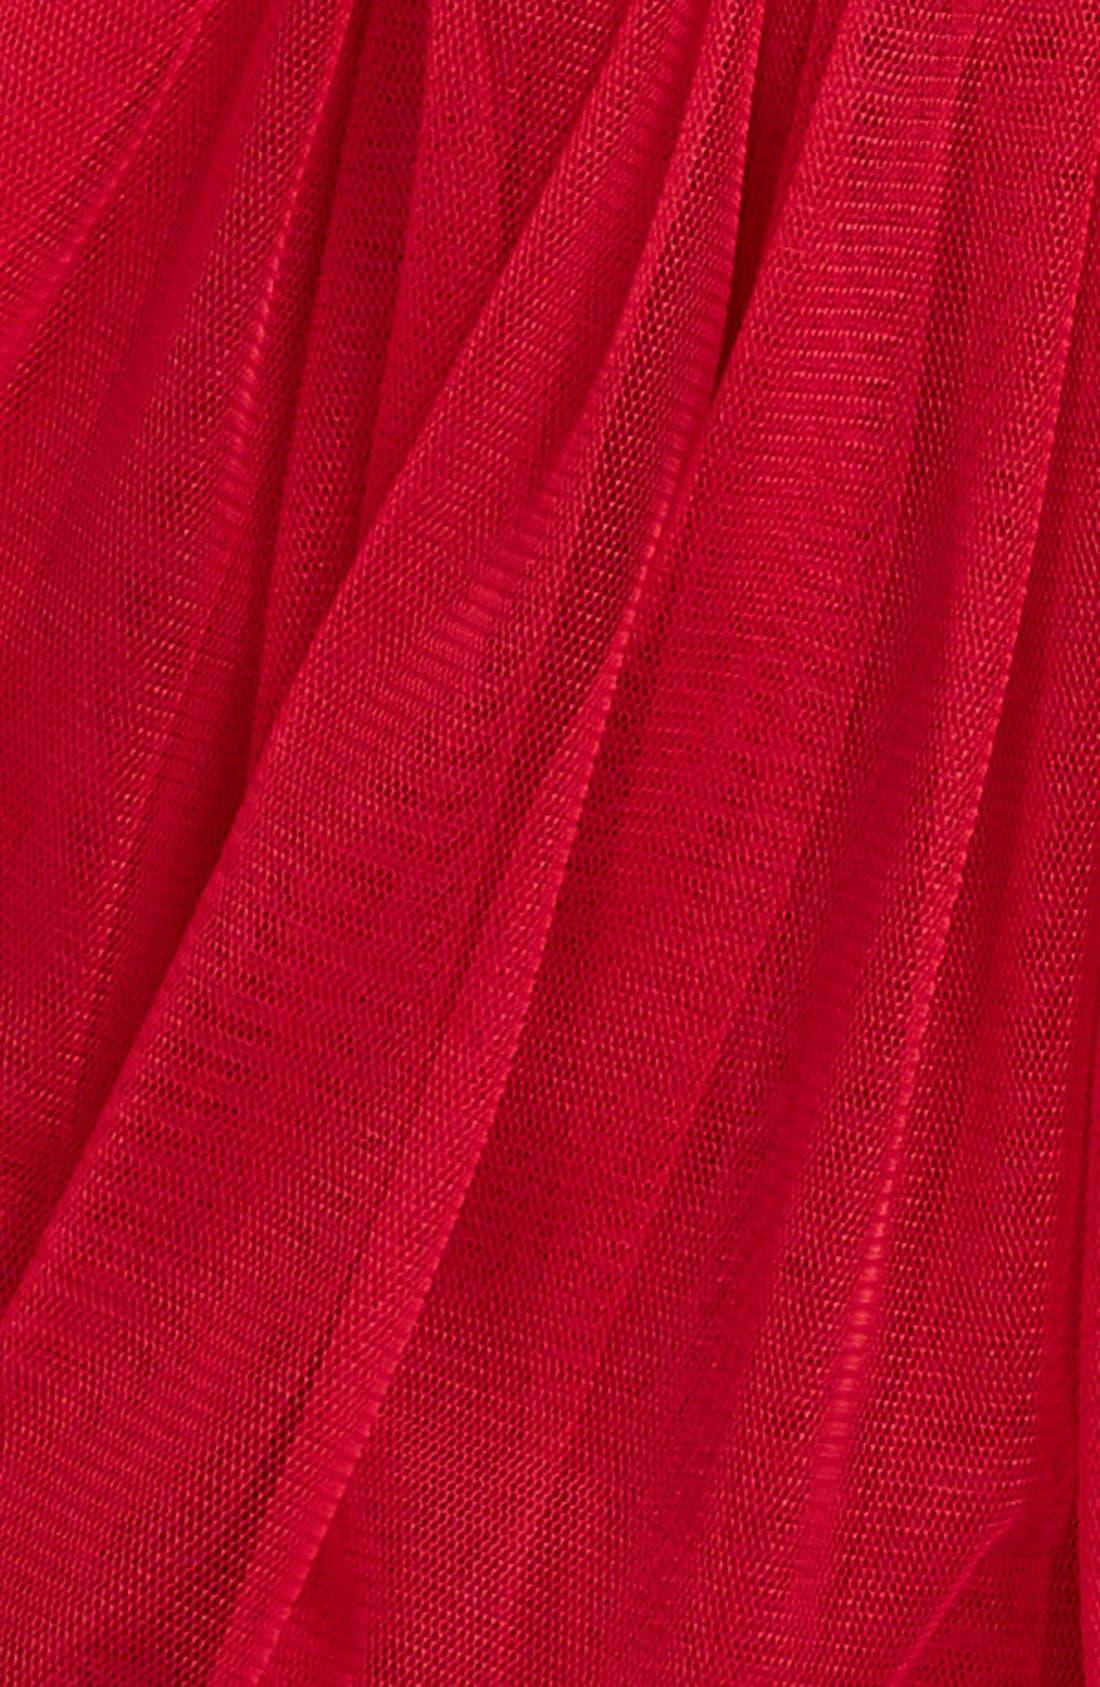 Rosette Tulle Dress,                             Alternate thumbnail 3, color,                             RED